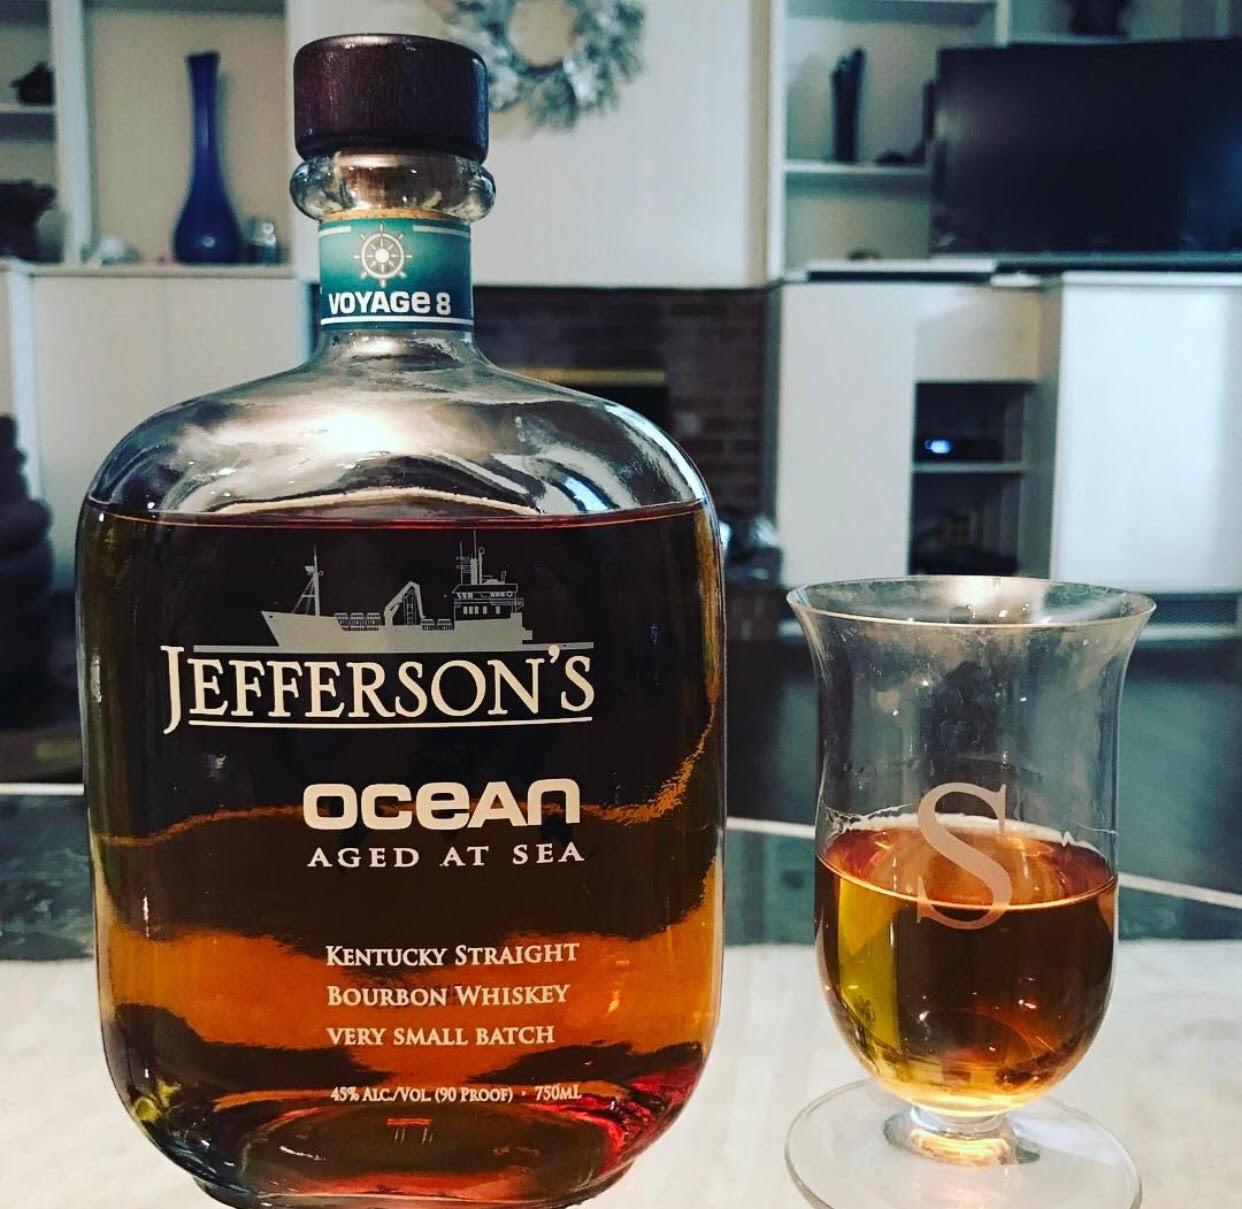 Guest Review: Jefferson's Ocean Voyage 8